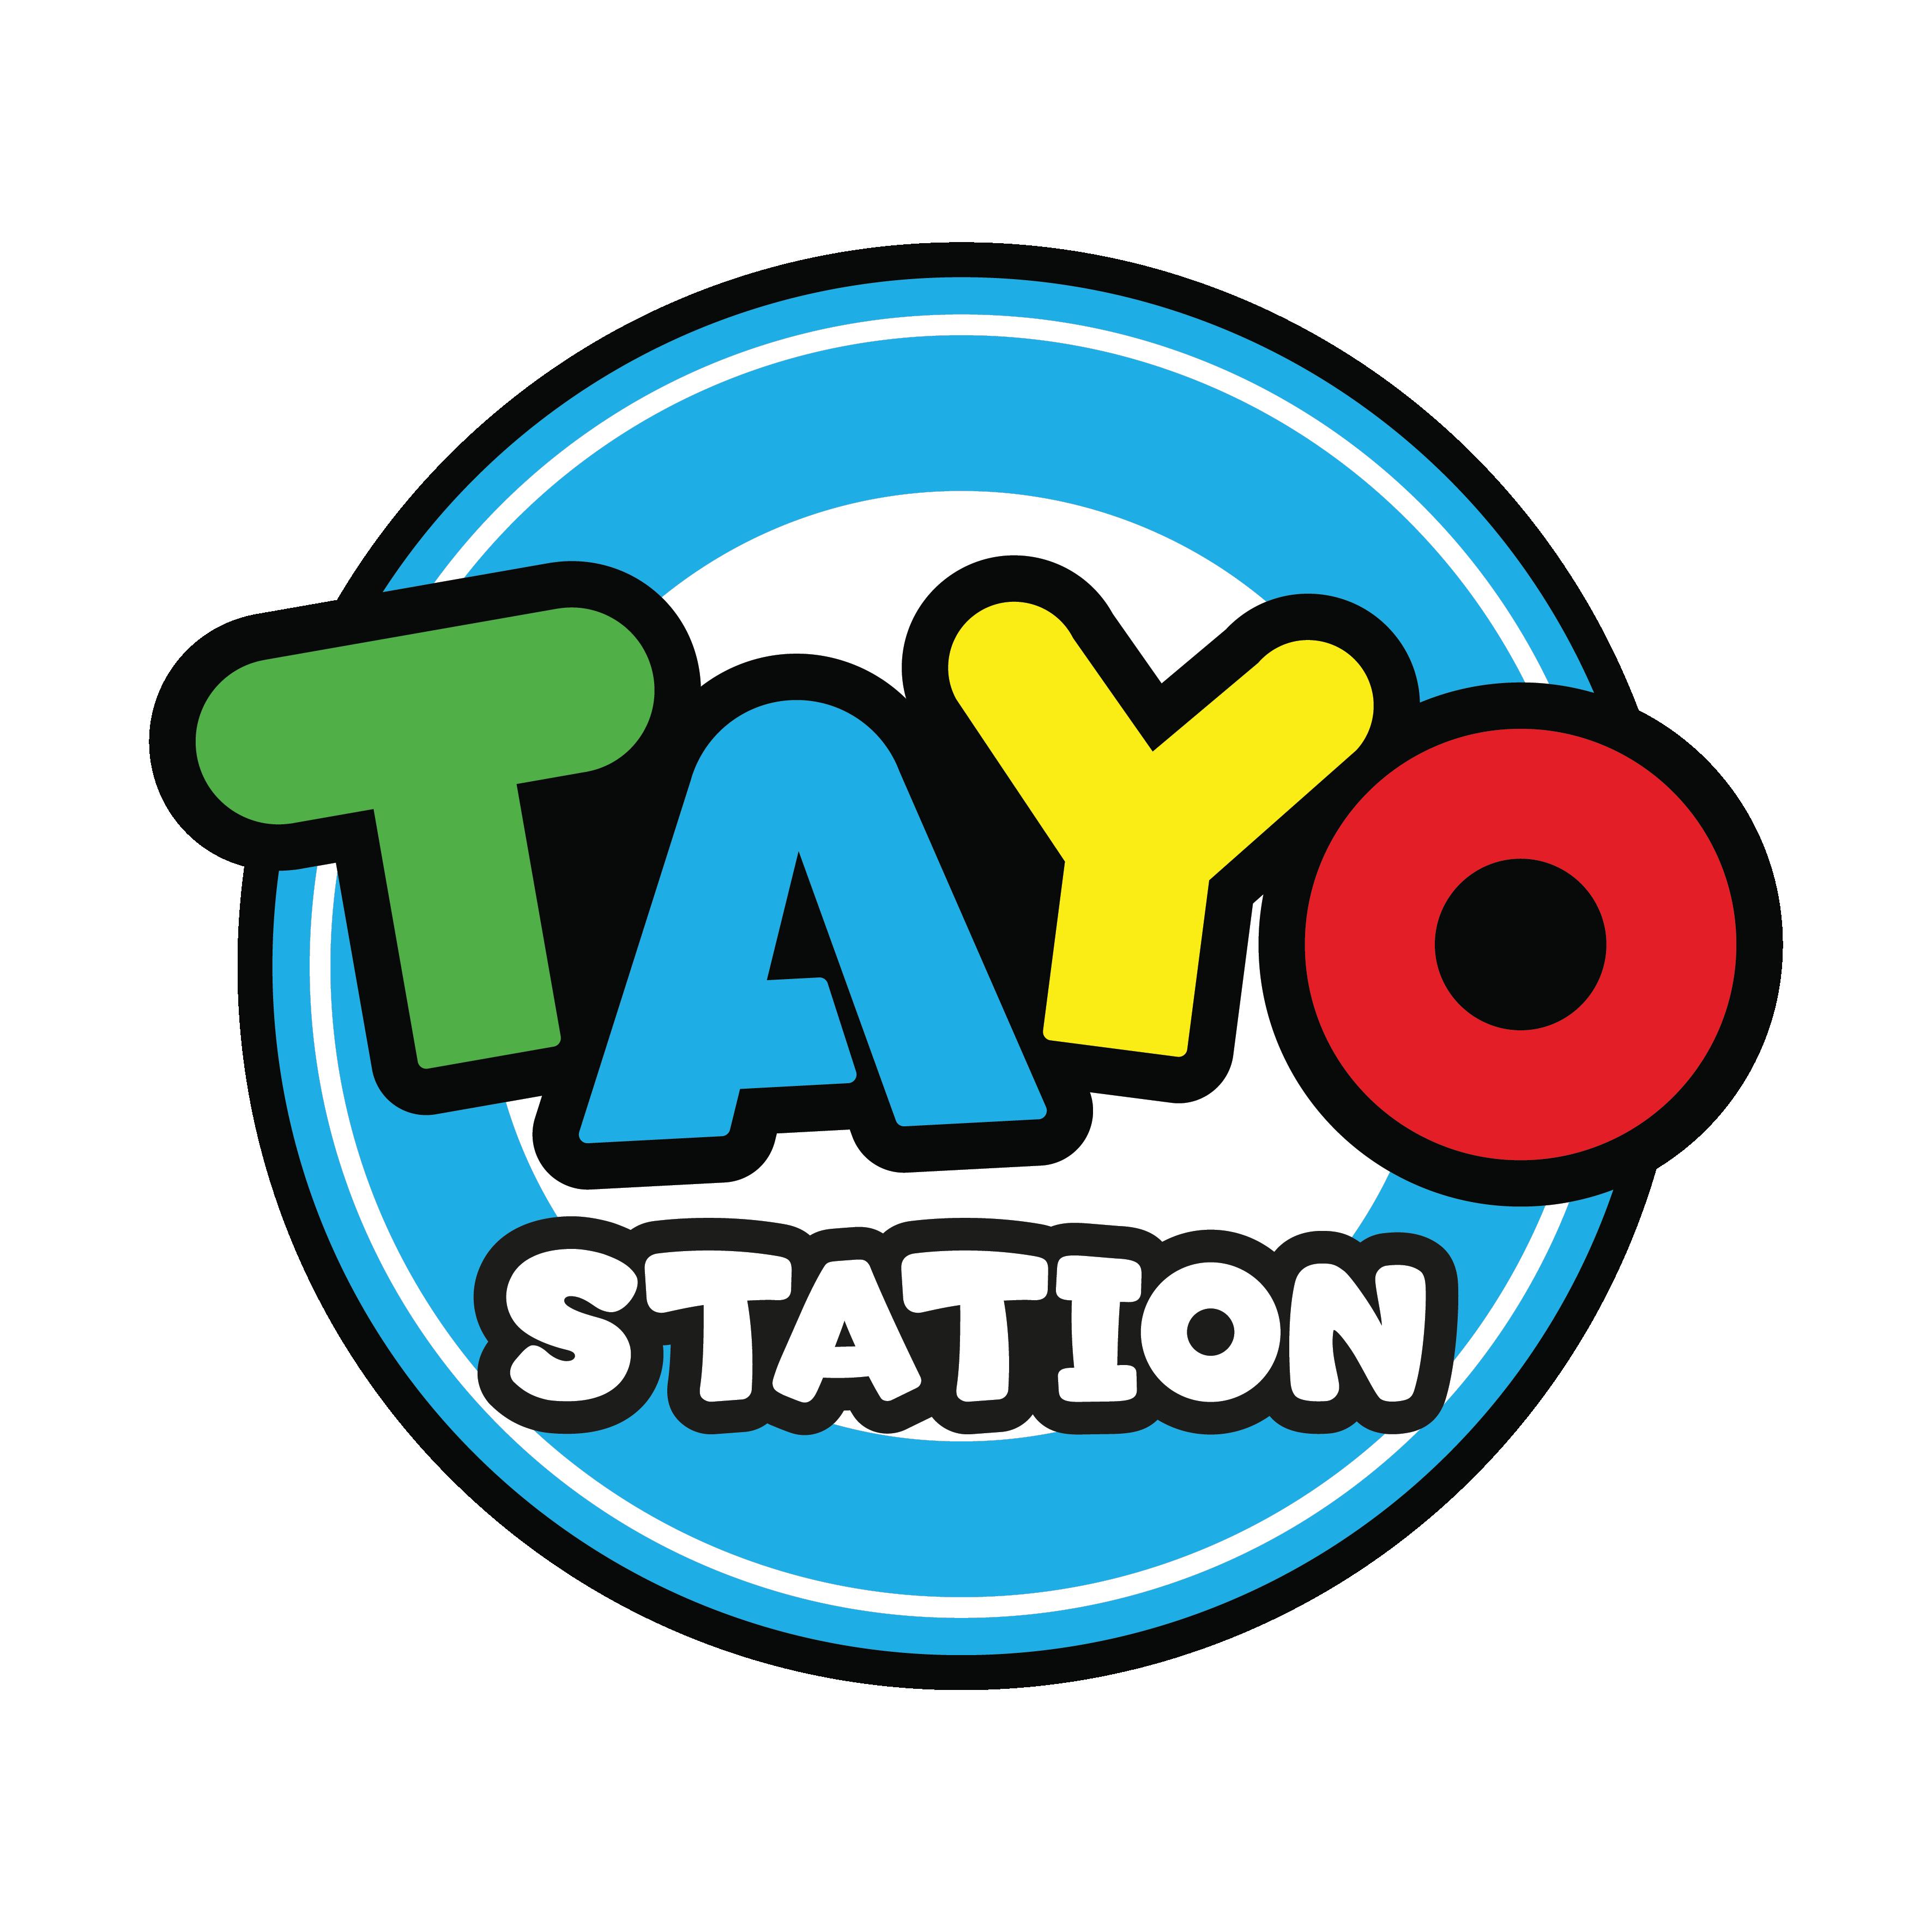 Tayo Station Logo